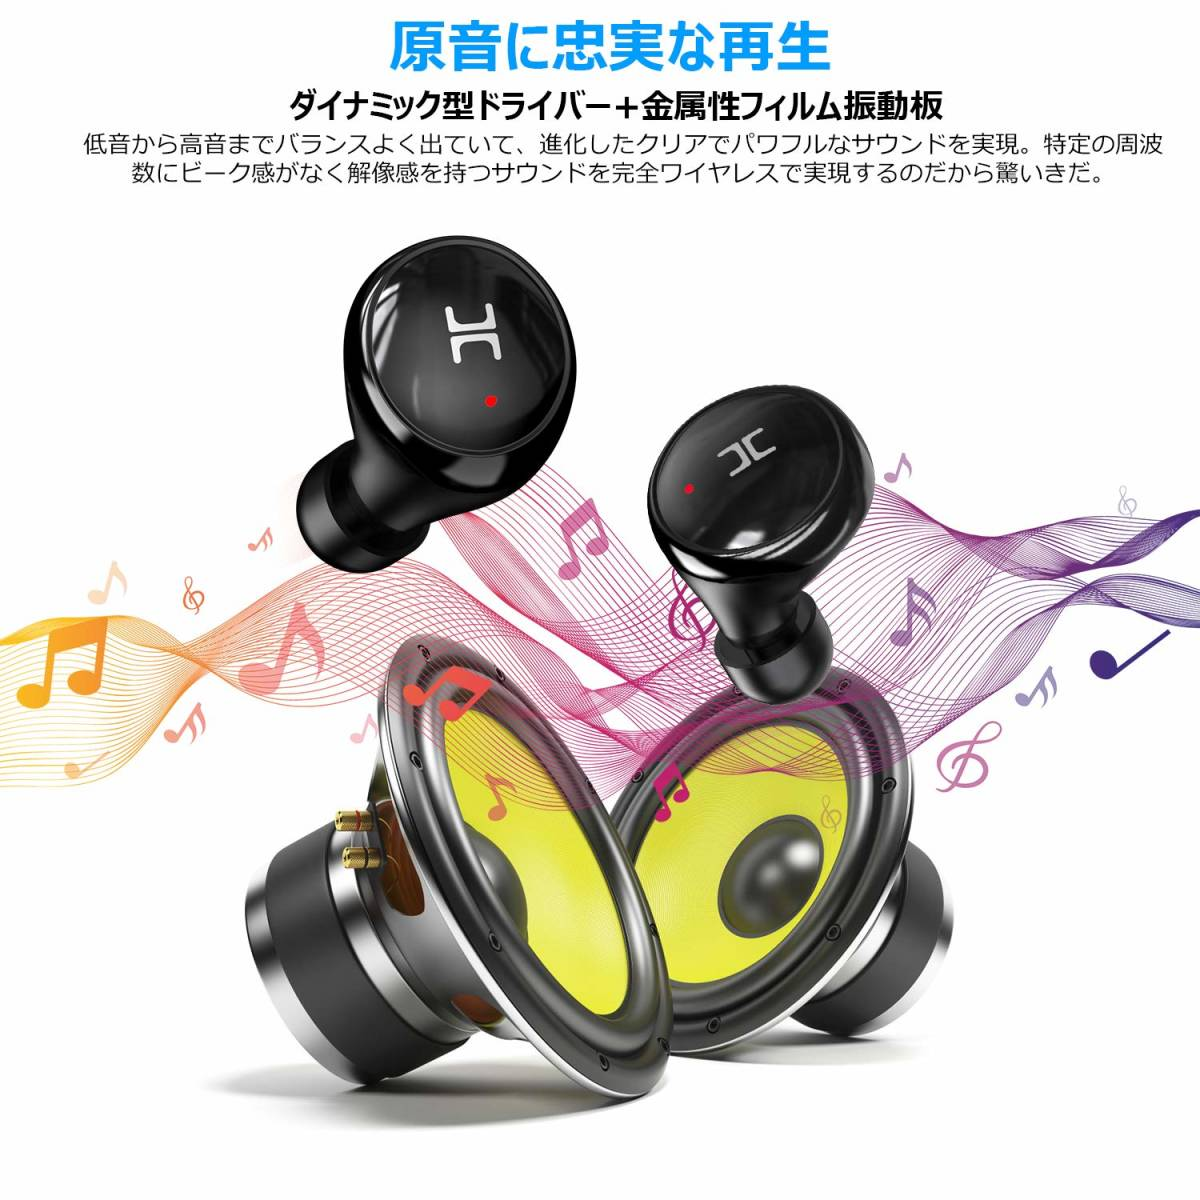 O420 新品 完全ワイヤレスイヤホン Bluetooth イヤホン イヤフォン ワイヤレスイヤホン IPX8 Bluetooth5.0 iPhone Android 対応 おすすめ_画像6